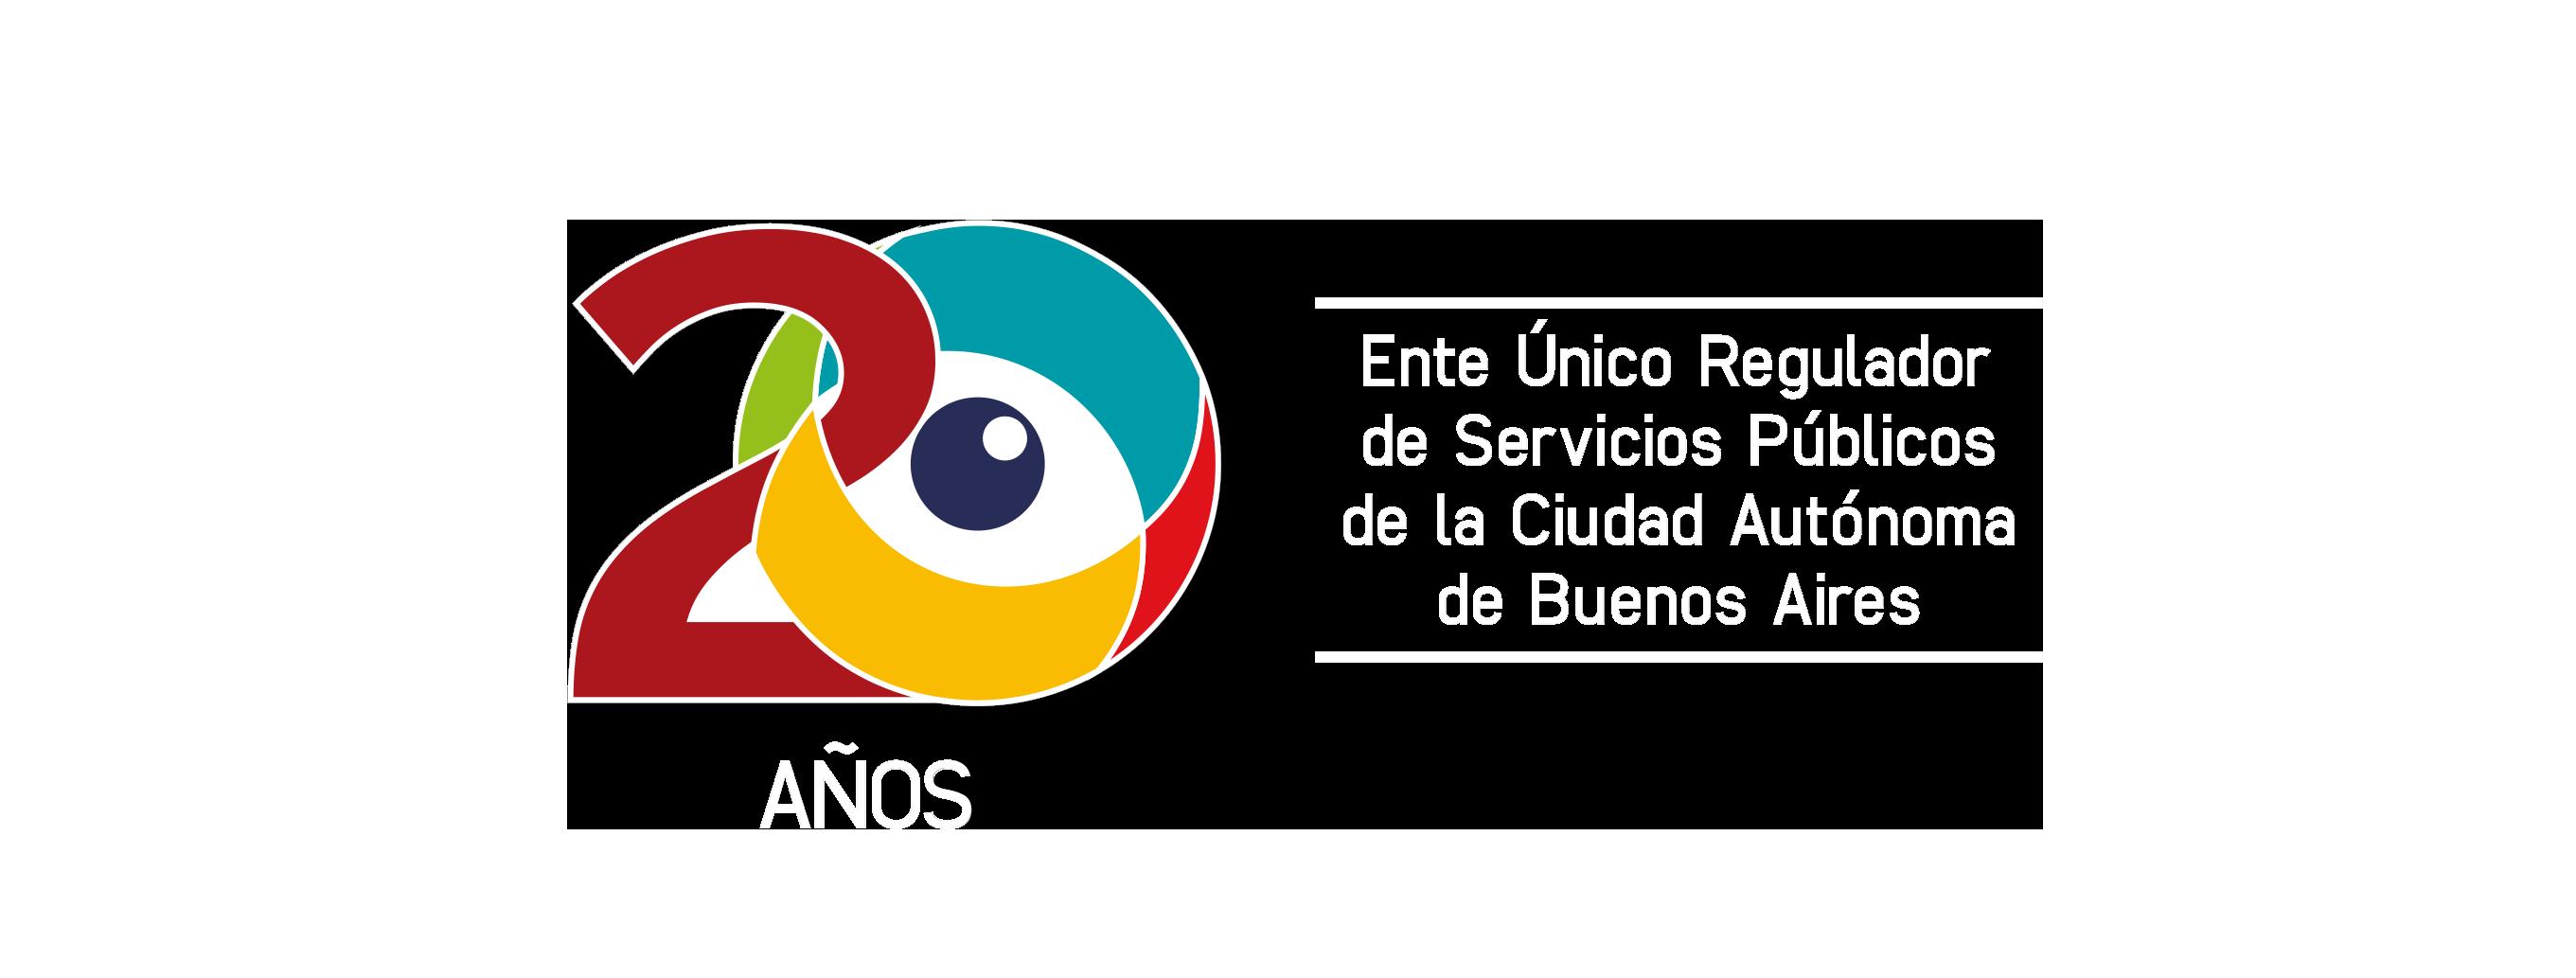 Ente Único Regulador de Servicios Públicos de la Ciudad Autónoma de Buenos Aires